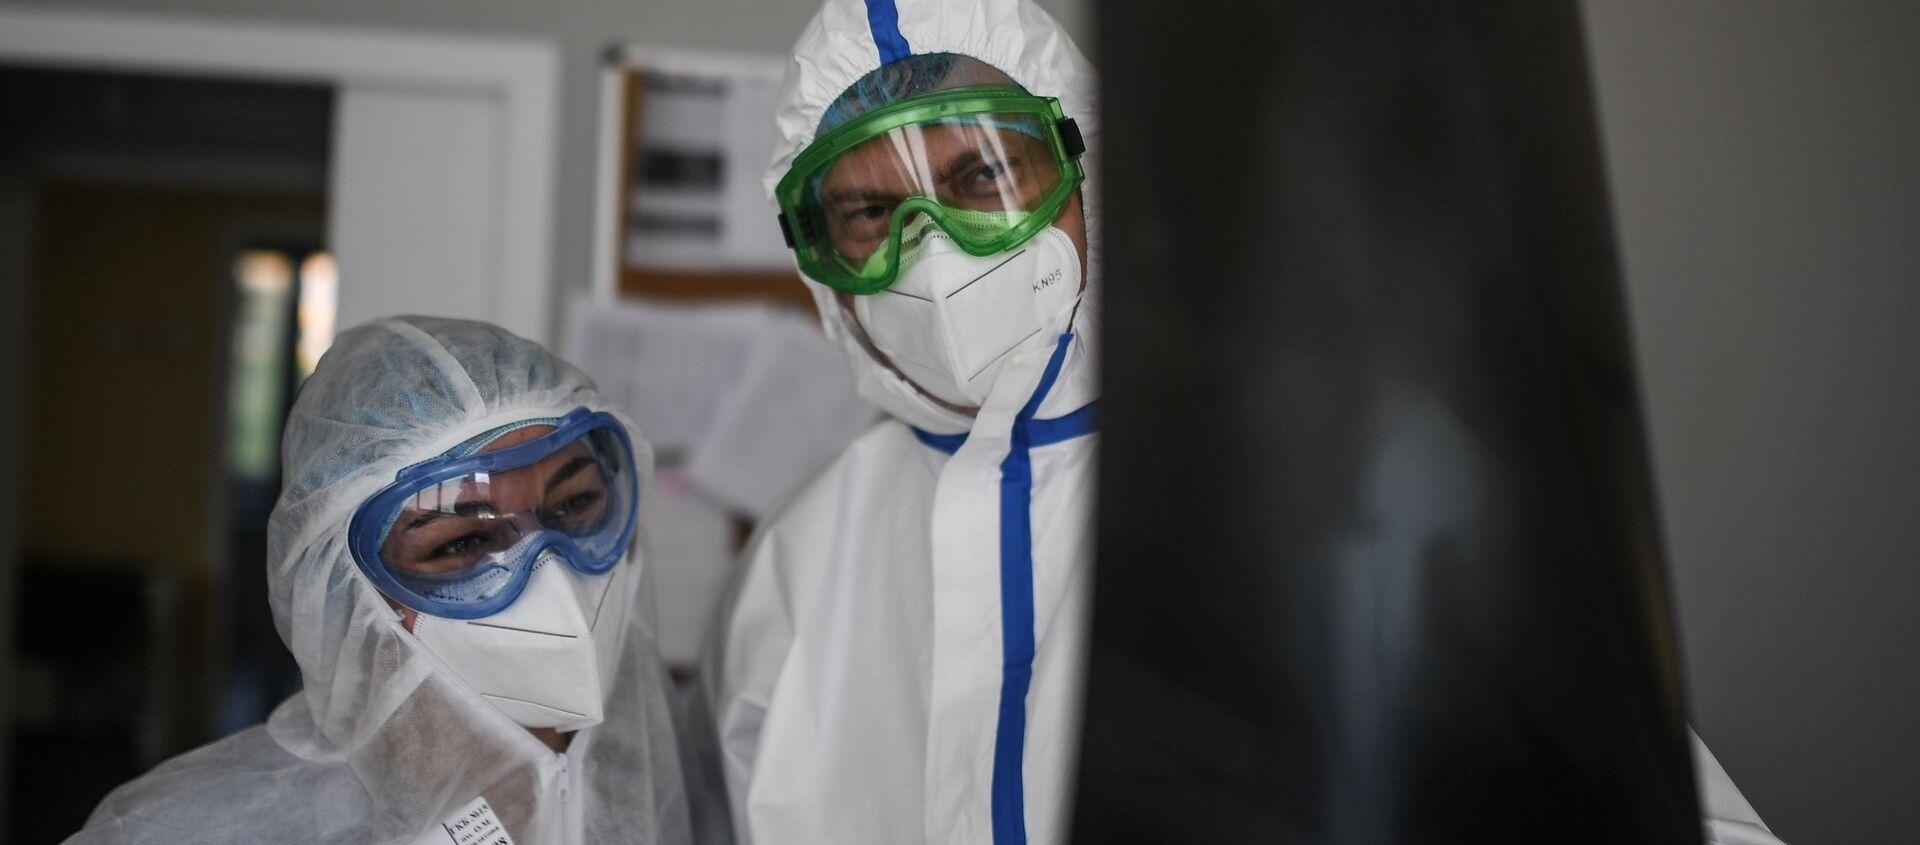 Lékaři zkoumají snímky nemocného koronaviru - Sputnik Česká republika, 1920, 18.03.2021